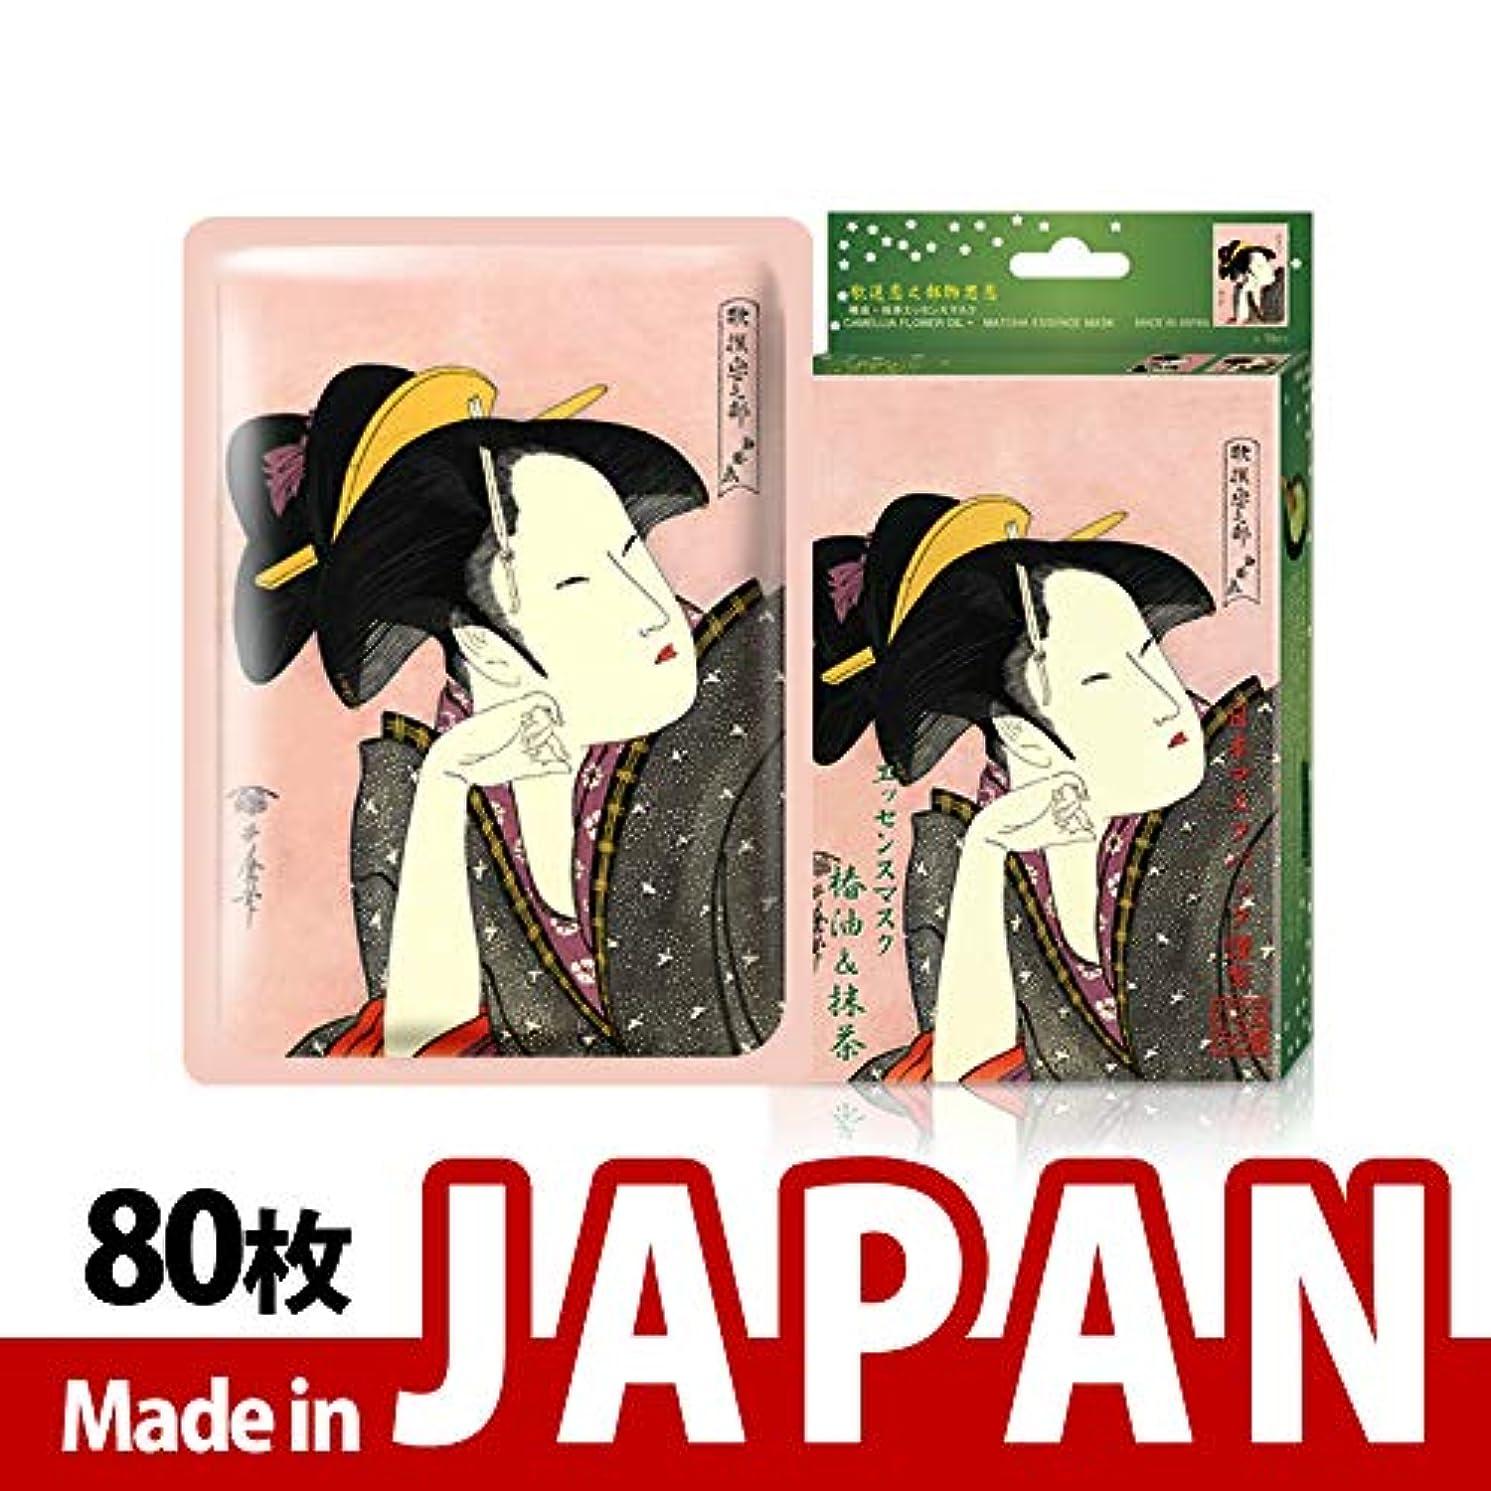 全国しかしビタミンMITOMO【JP005-A-1】日本製シートマスク/10枚入り/80枚/美容液/マスクパック/送料無料